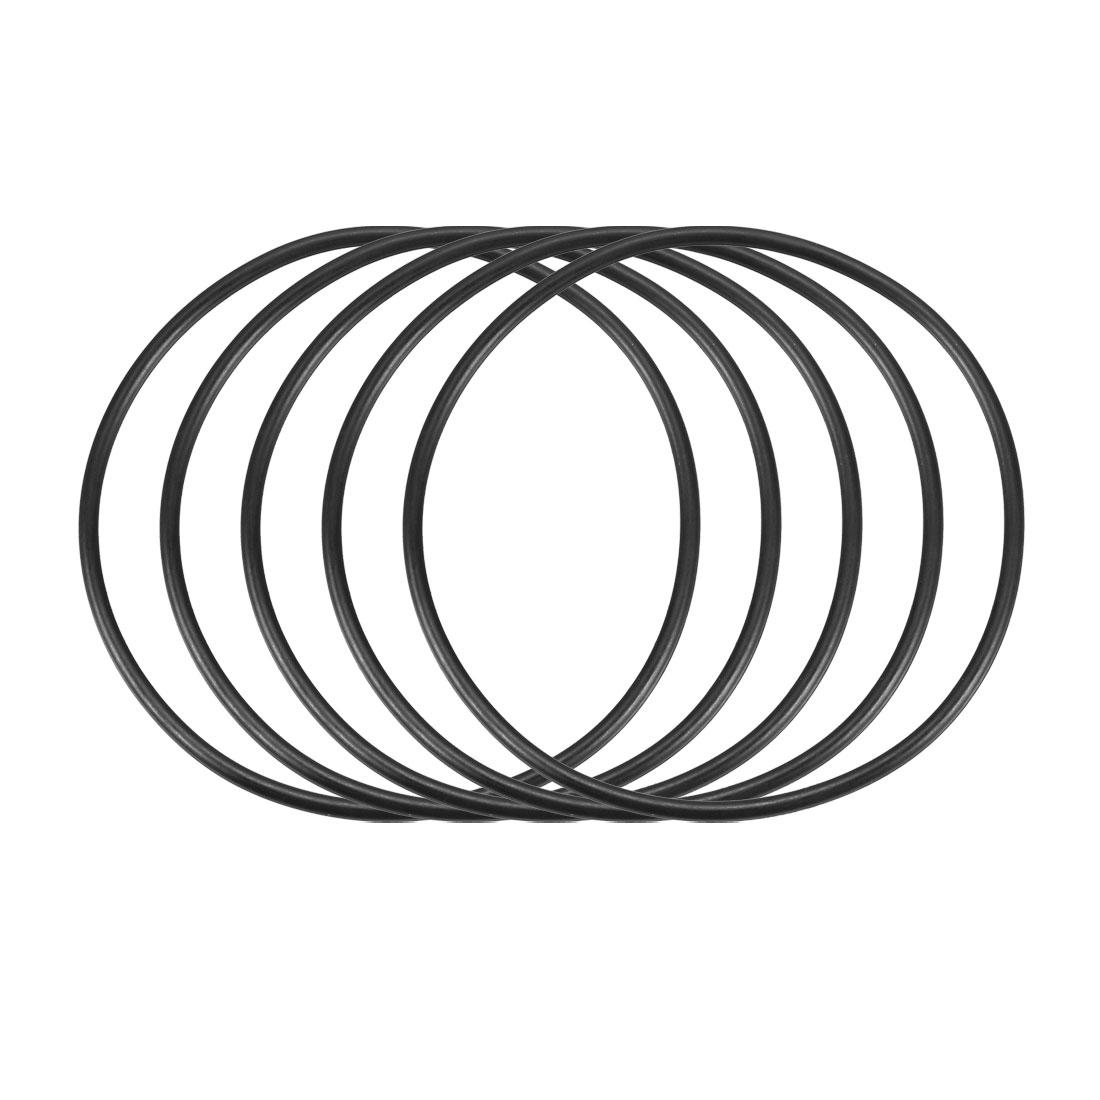 50pcs Black Nitrile Butadiene Rubber NBR O-Ring 67mm Inner Dia 2.4mm Width